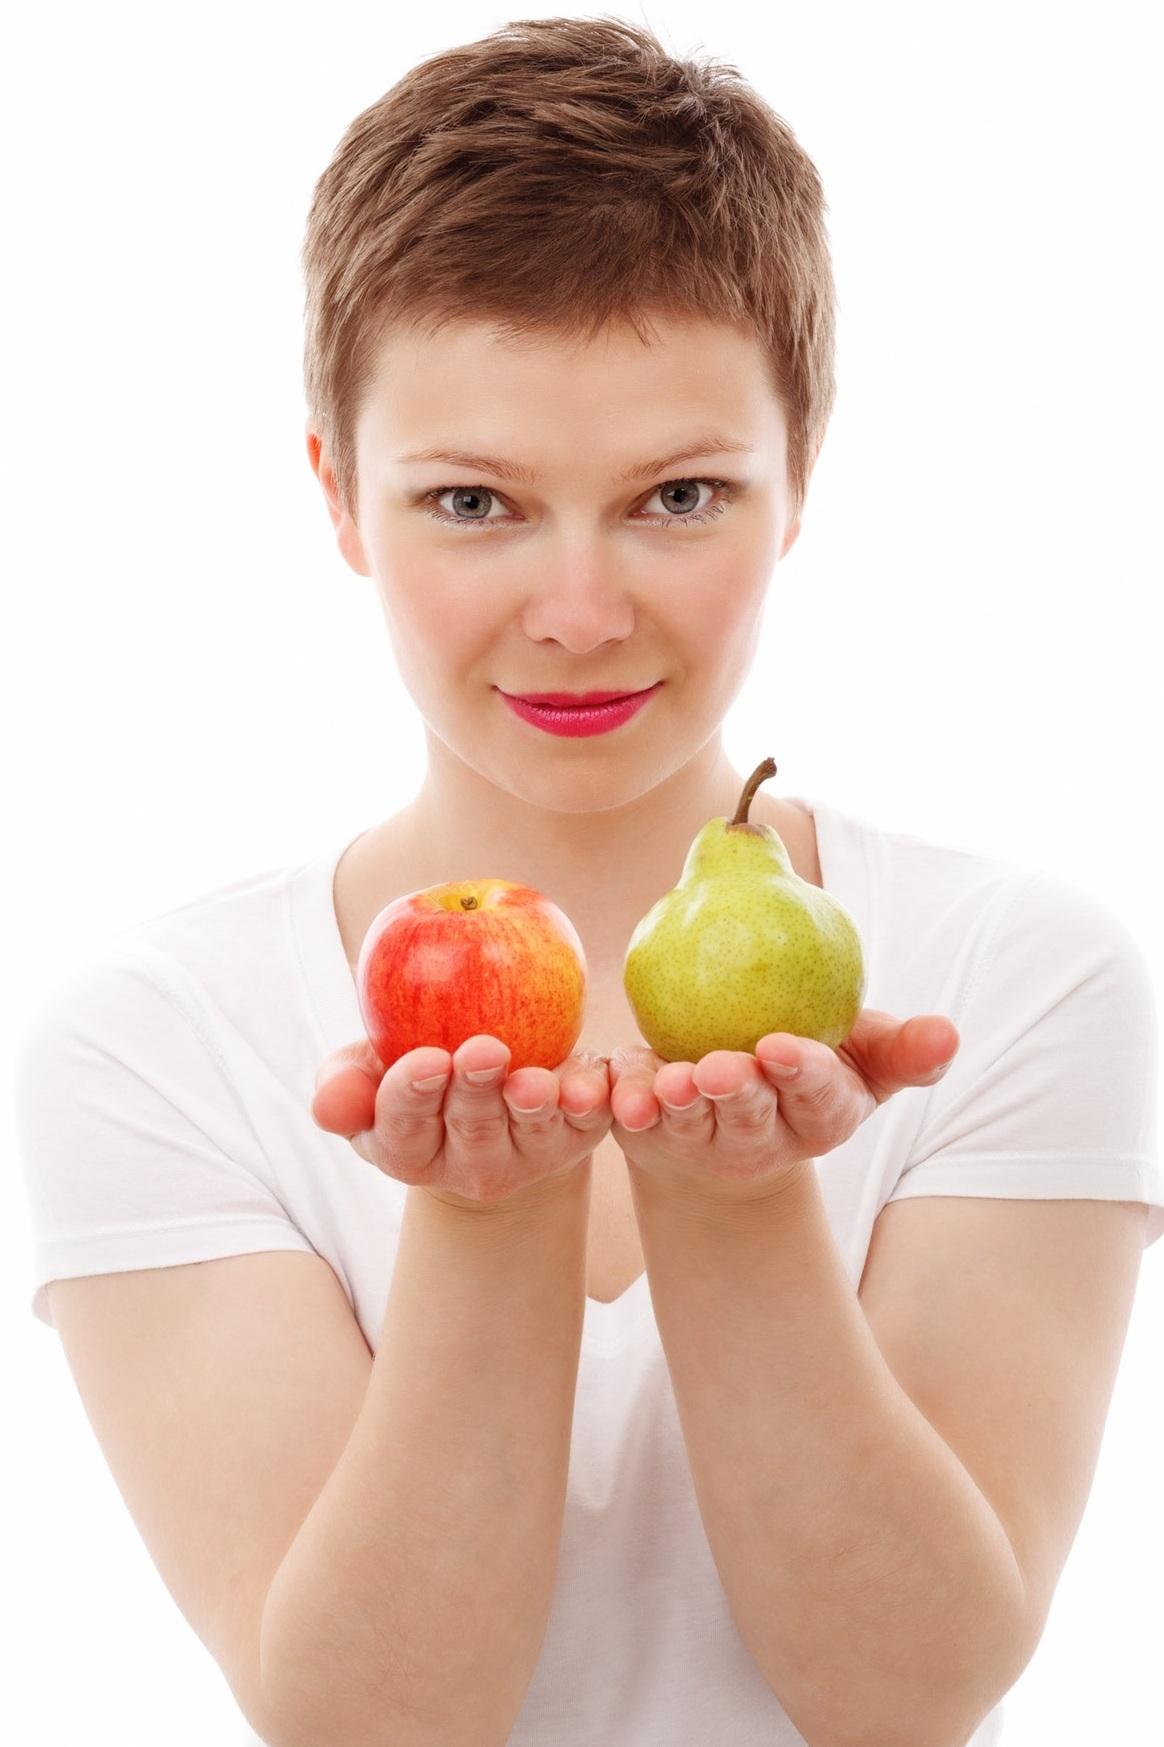 apple-choice.jpg